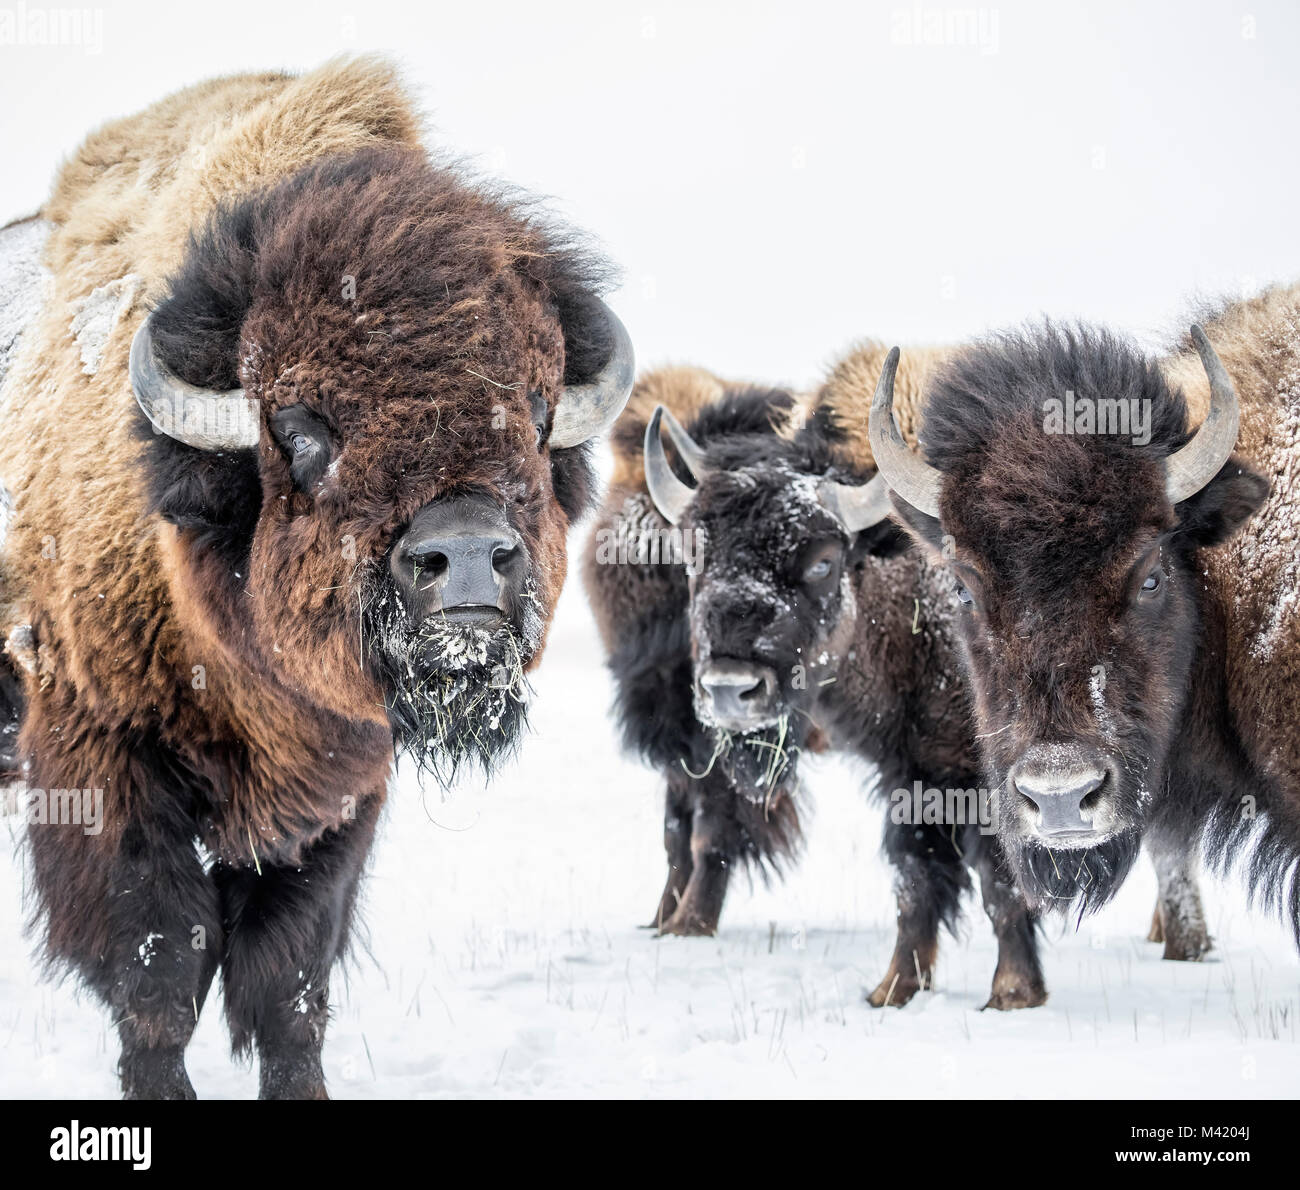 Llanuras, bisonte (Bison bison bison) o American Buffalo, en invierno, Manitoba, Canadá. Imagen De Stock